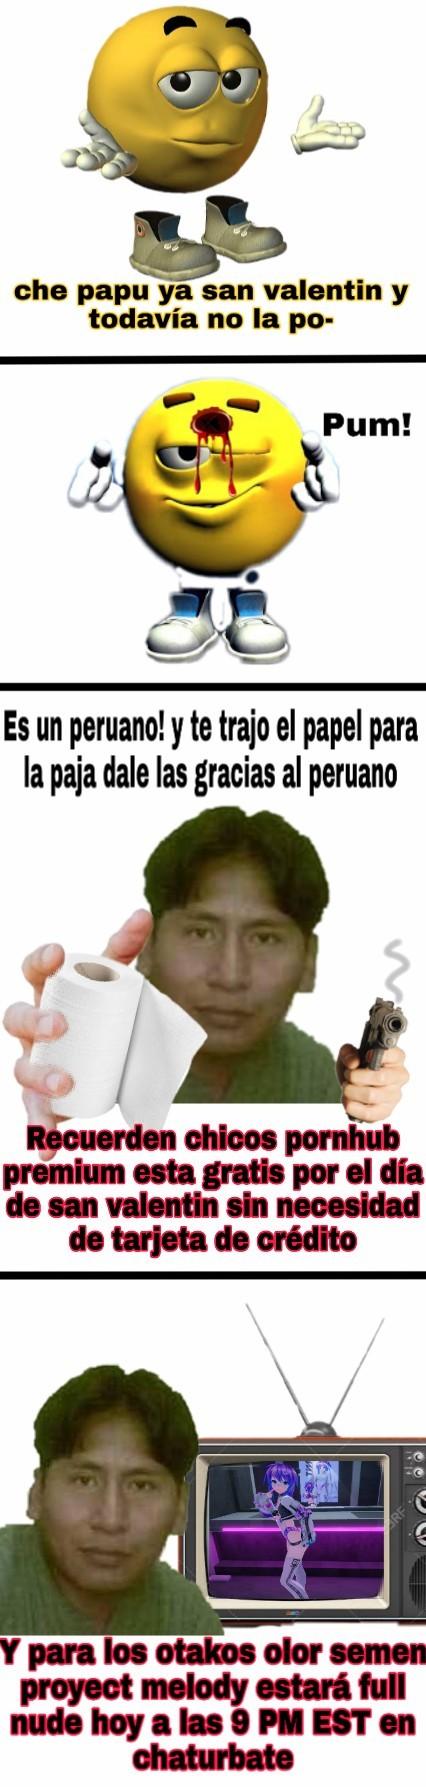 Que? Noo peruano eso es revirgo porque lo haces porque?! Nooooo - meme